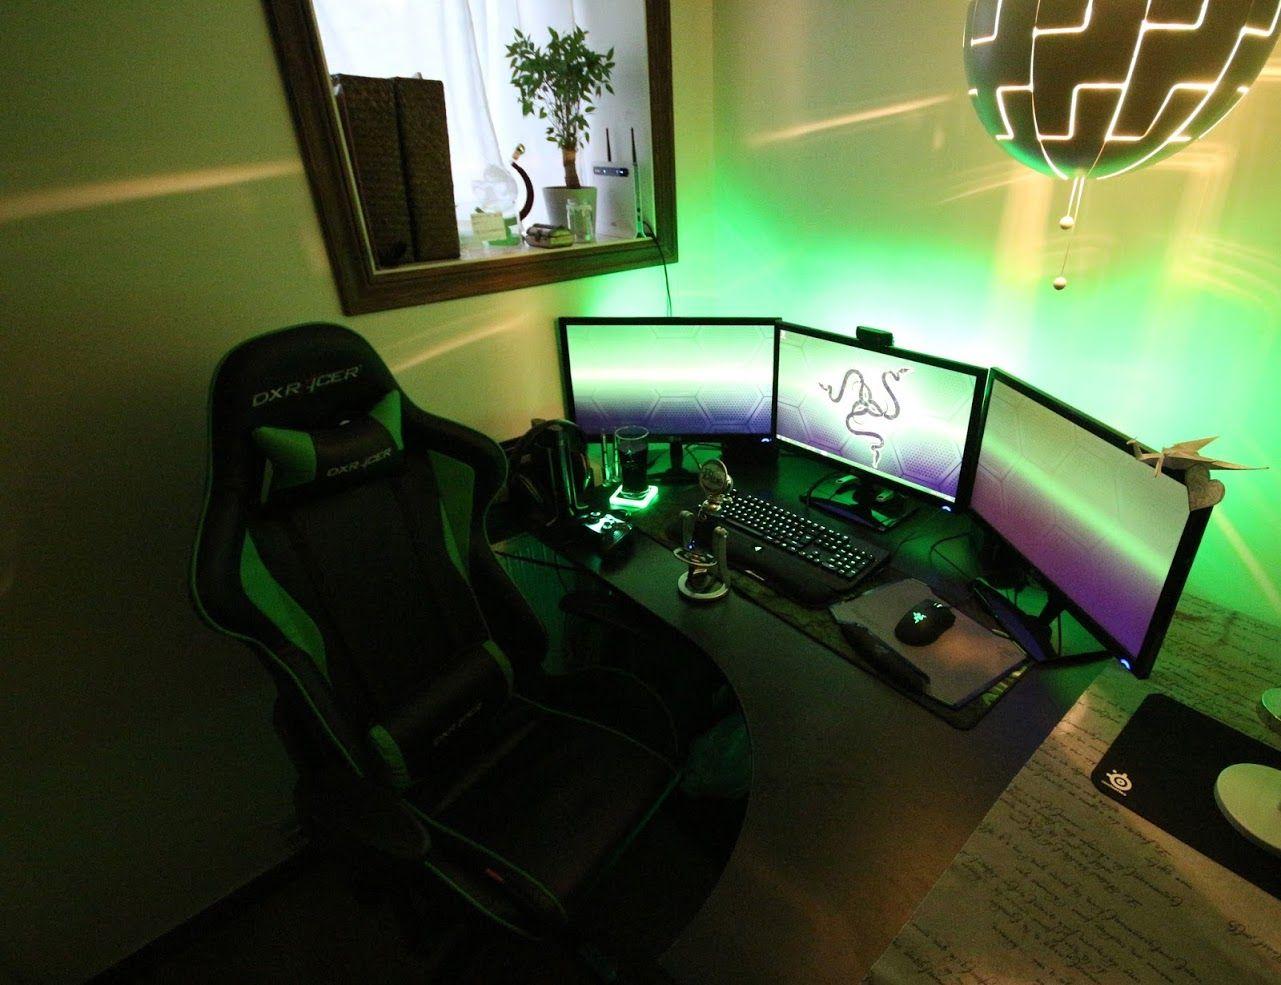 Beautiful setup with Razor Theme Razer blackwidow, Pc